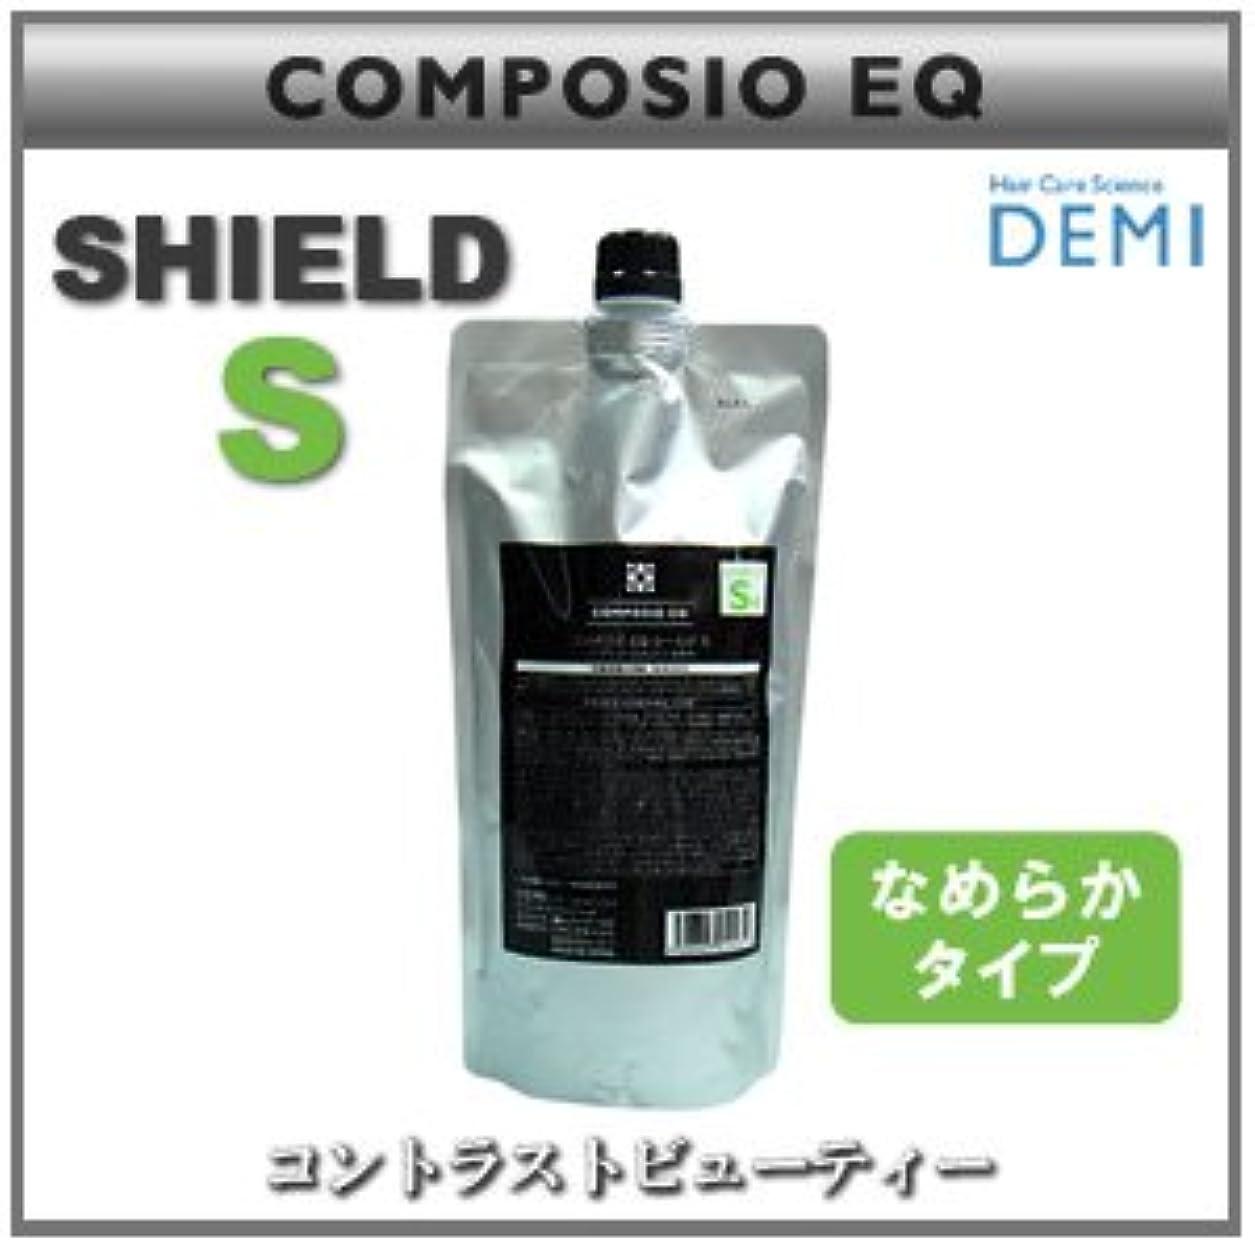 崇拝する車入場料【X5個セット】 デミ コンポジオ EQ シールド S 450g